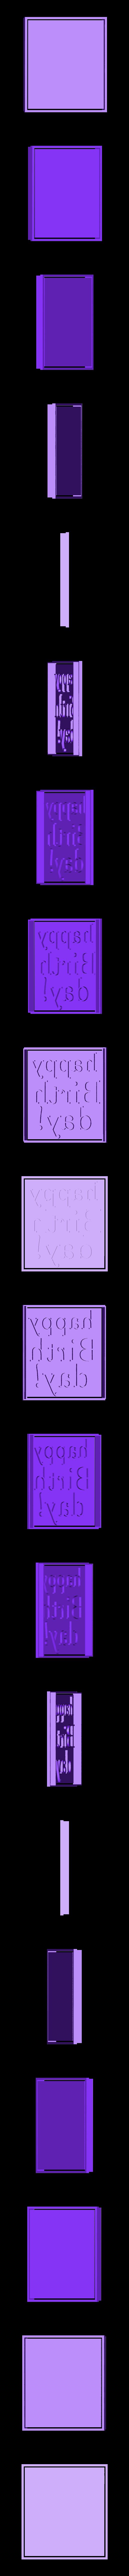 Hbday3.STL Télécharger fichier STL gratuit JEU DE 7 EMPORTE-PIÈCES POUR LES ANNIVERSAIRES • Modèle pour impression 3D, icepro10